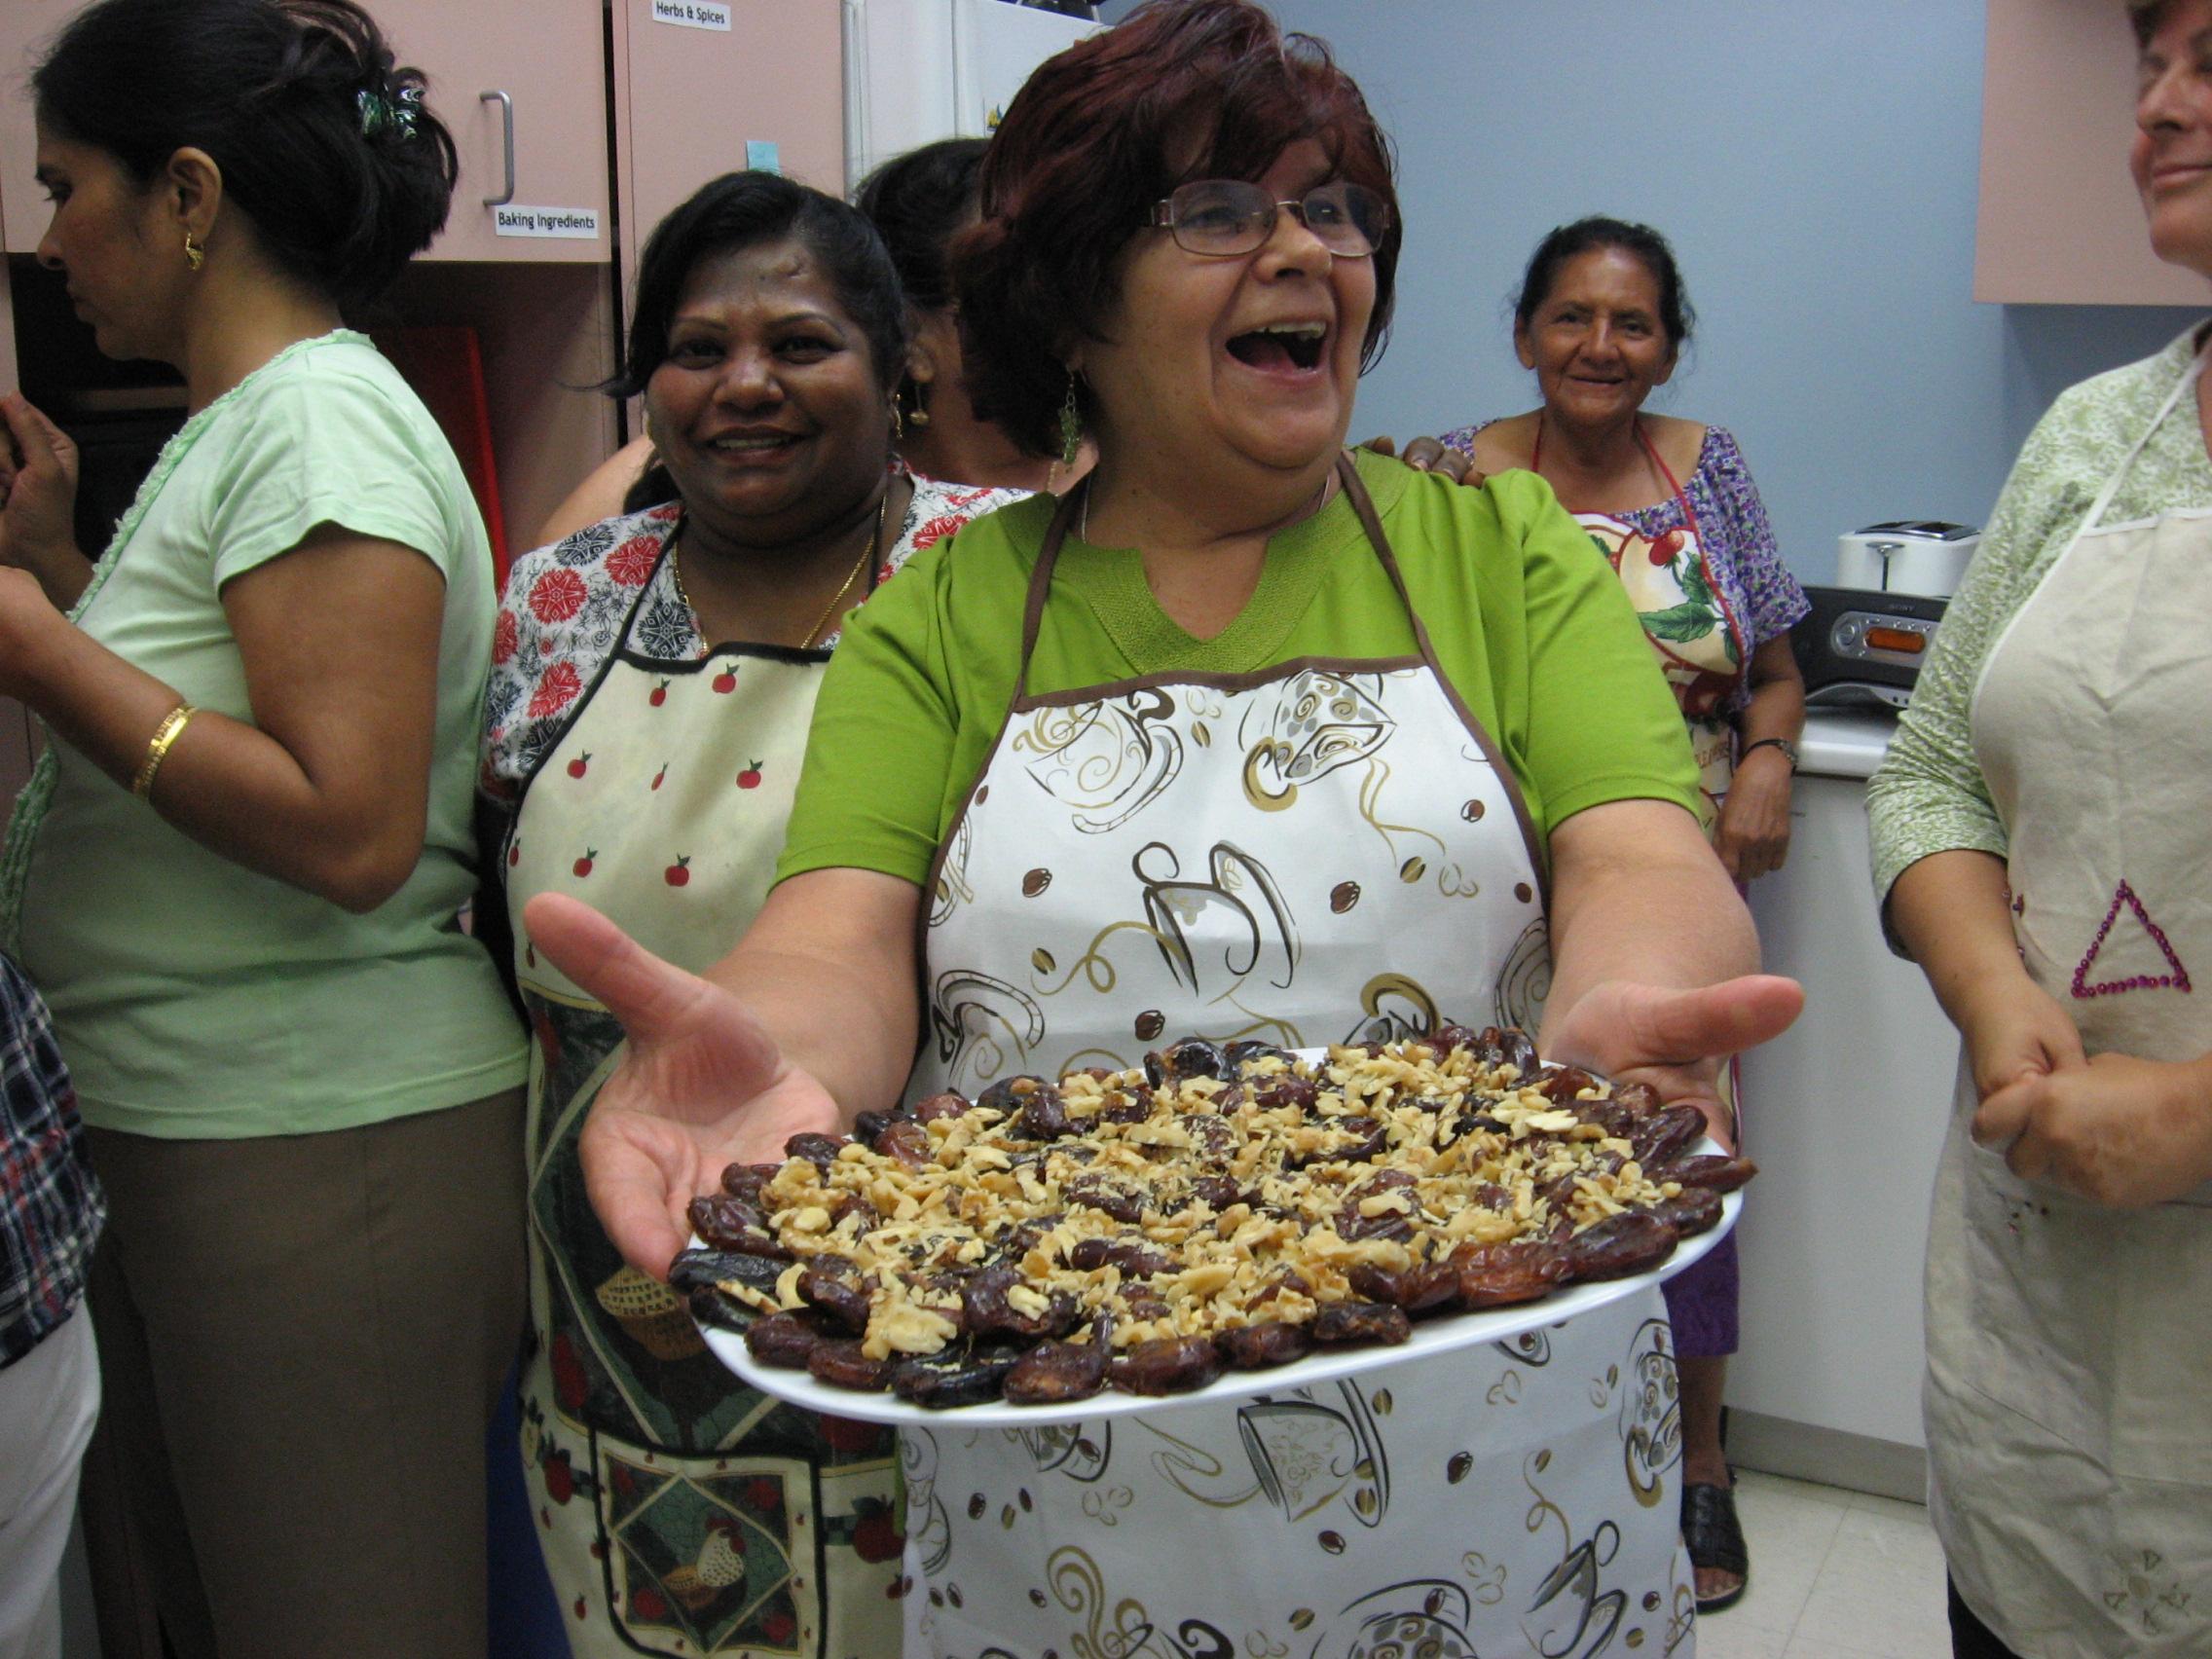 Community Kitchen participant